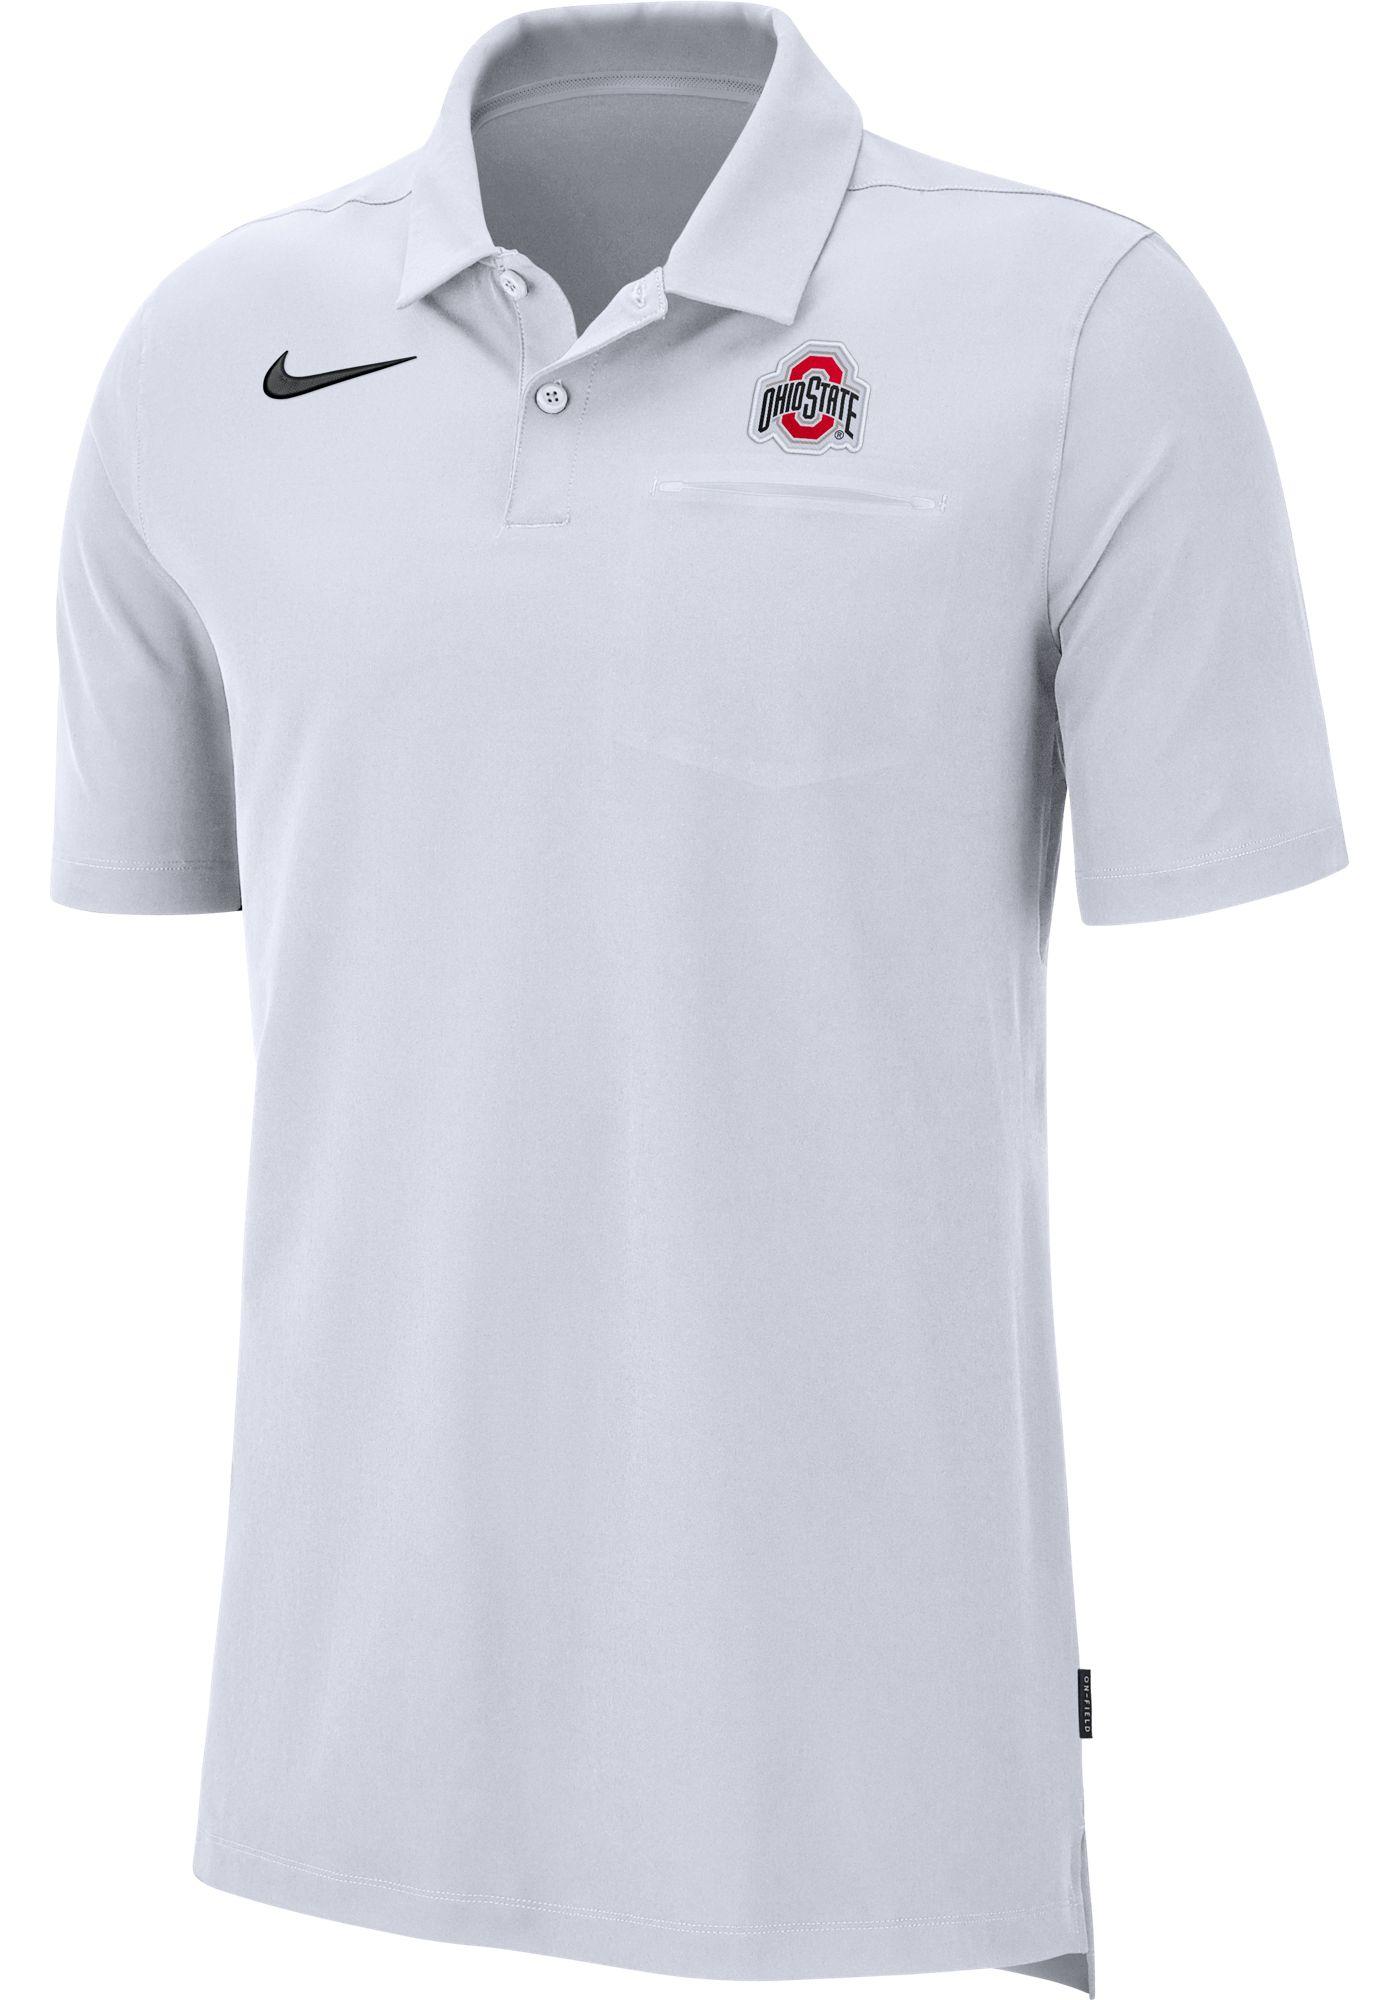 Nike Men's Ohio State Buckeyes Dri-FIT Elite Football Sideline White Polo